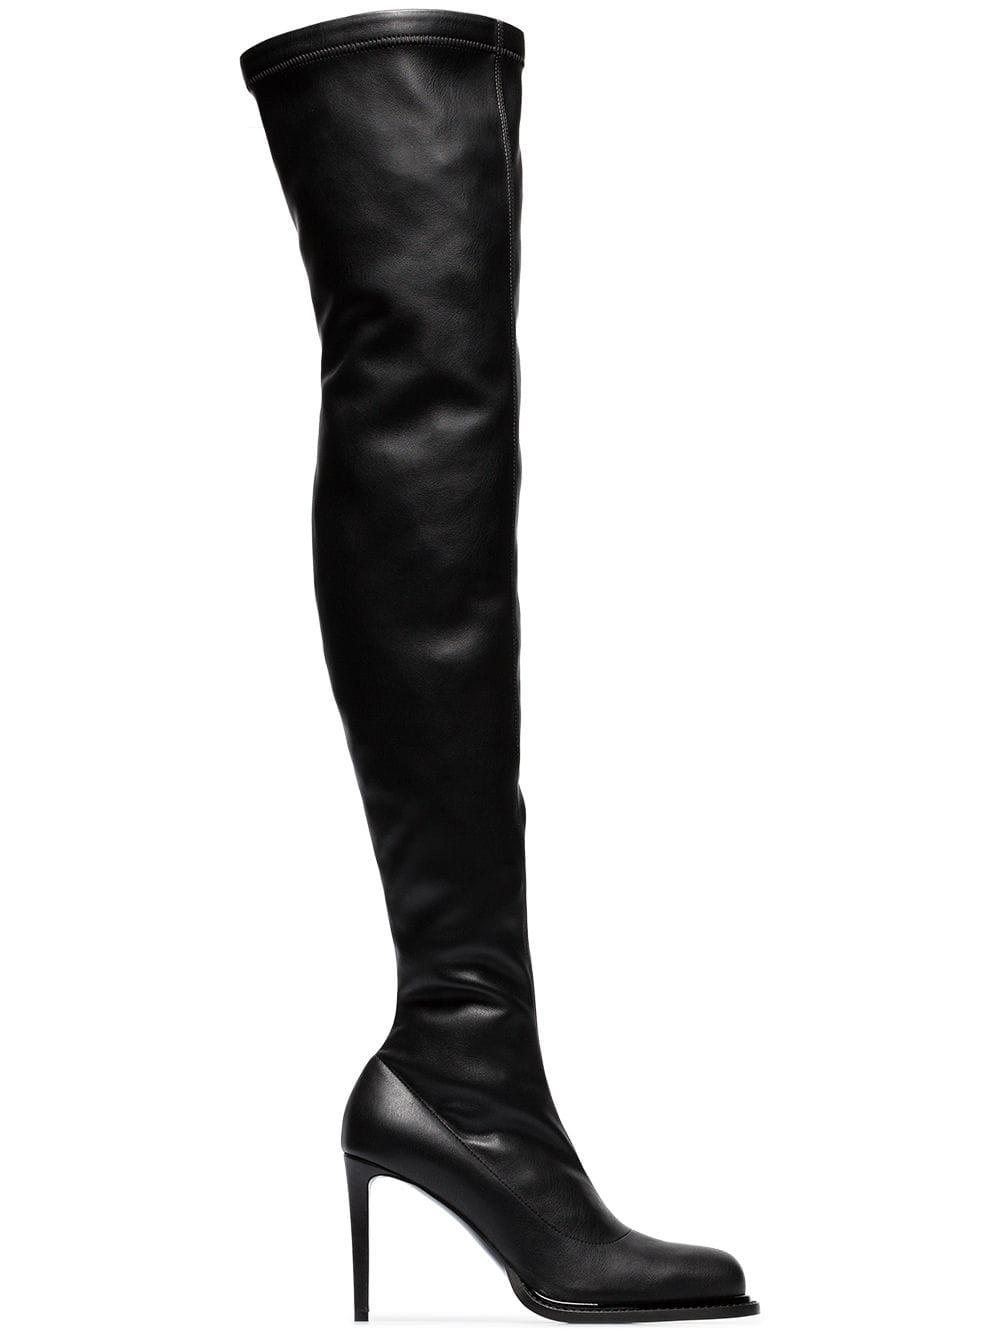 Stella McCartney Klassische Overknee-Stiefel - Schwarz